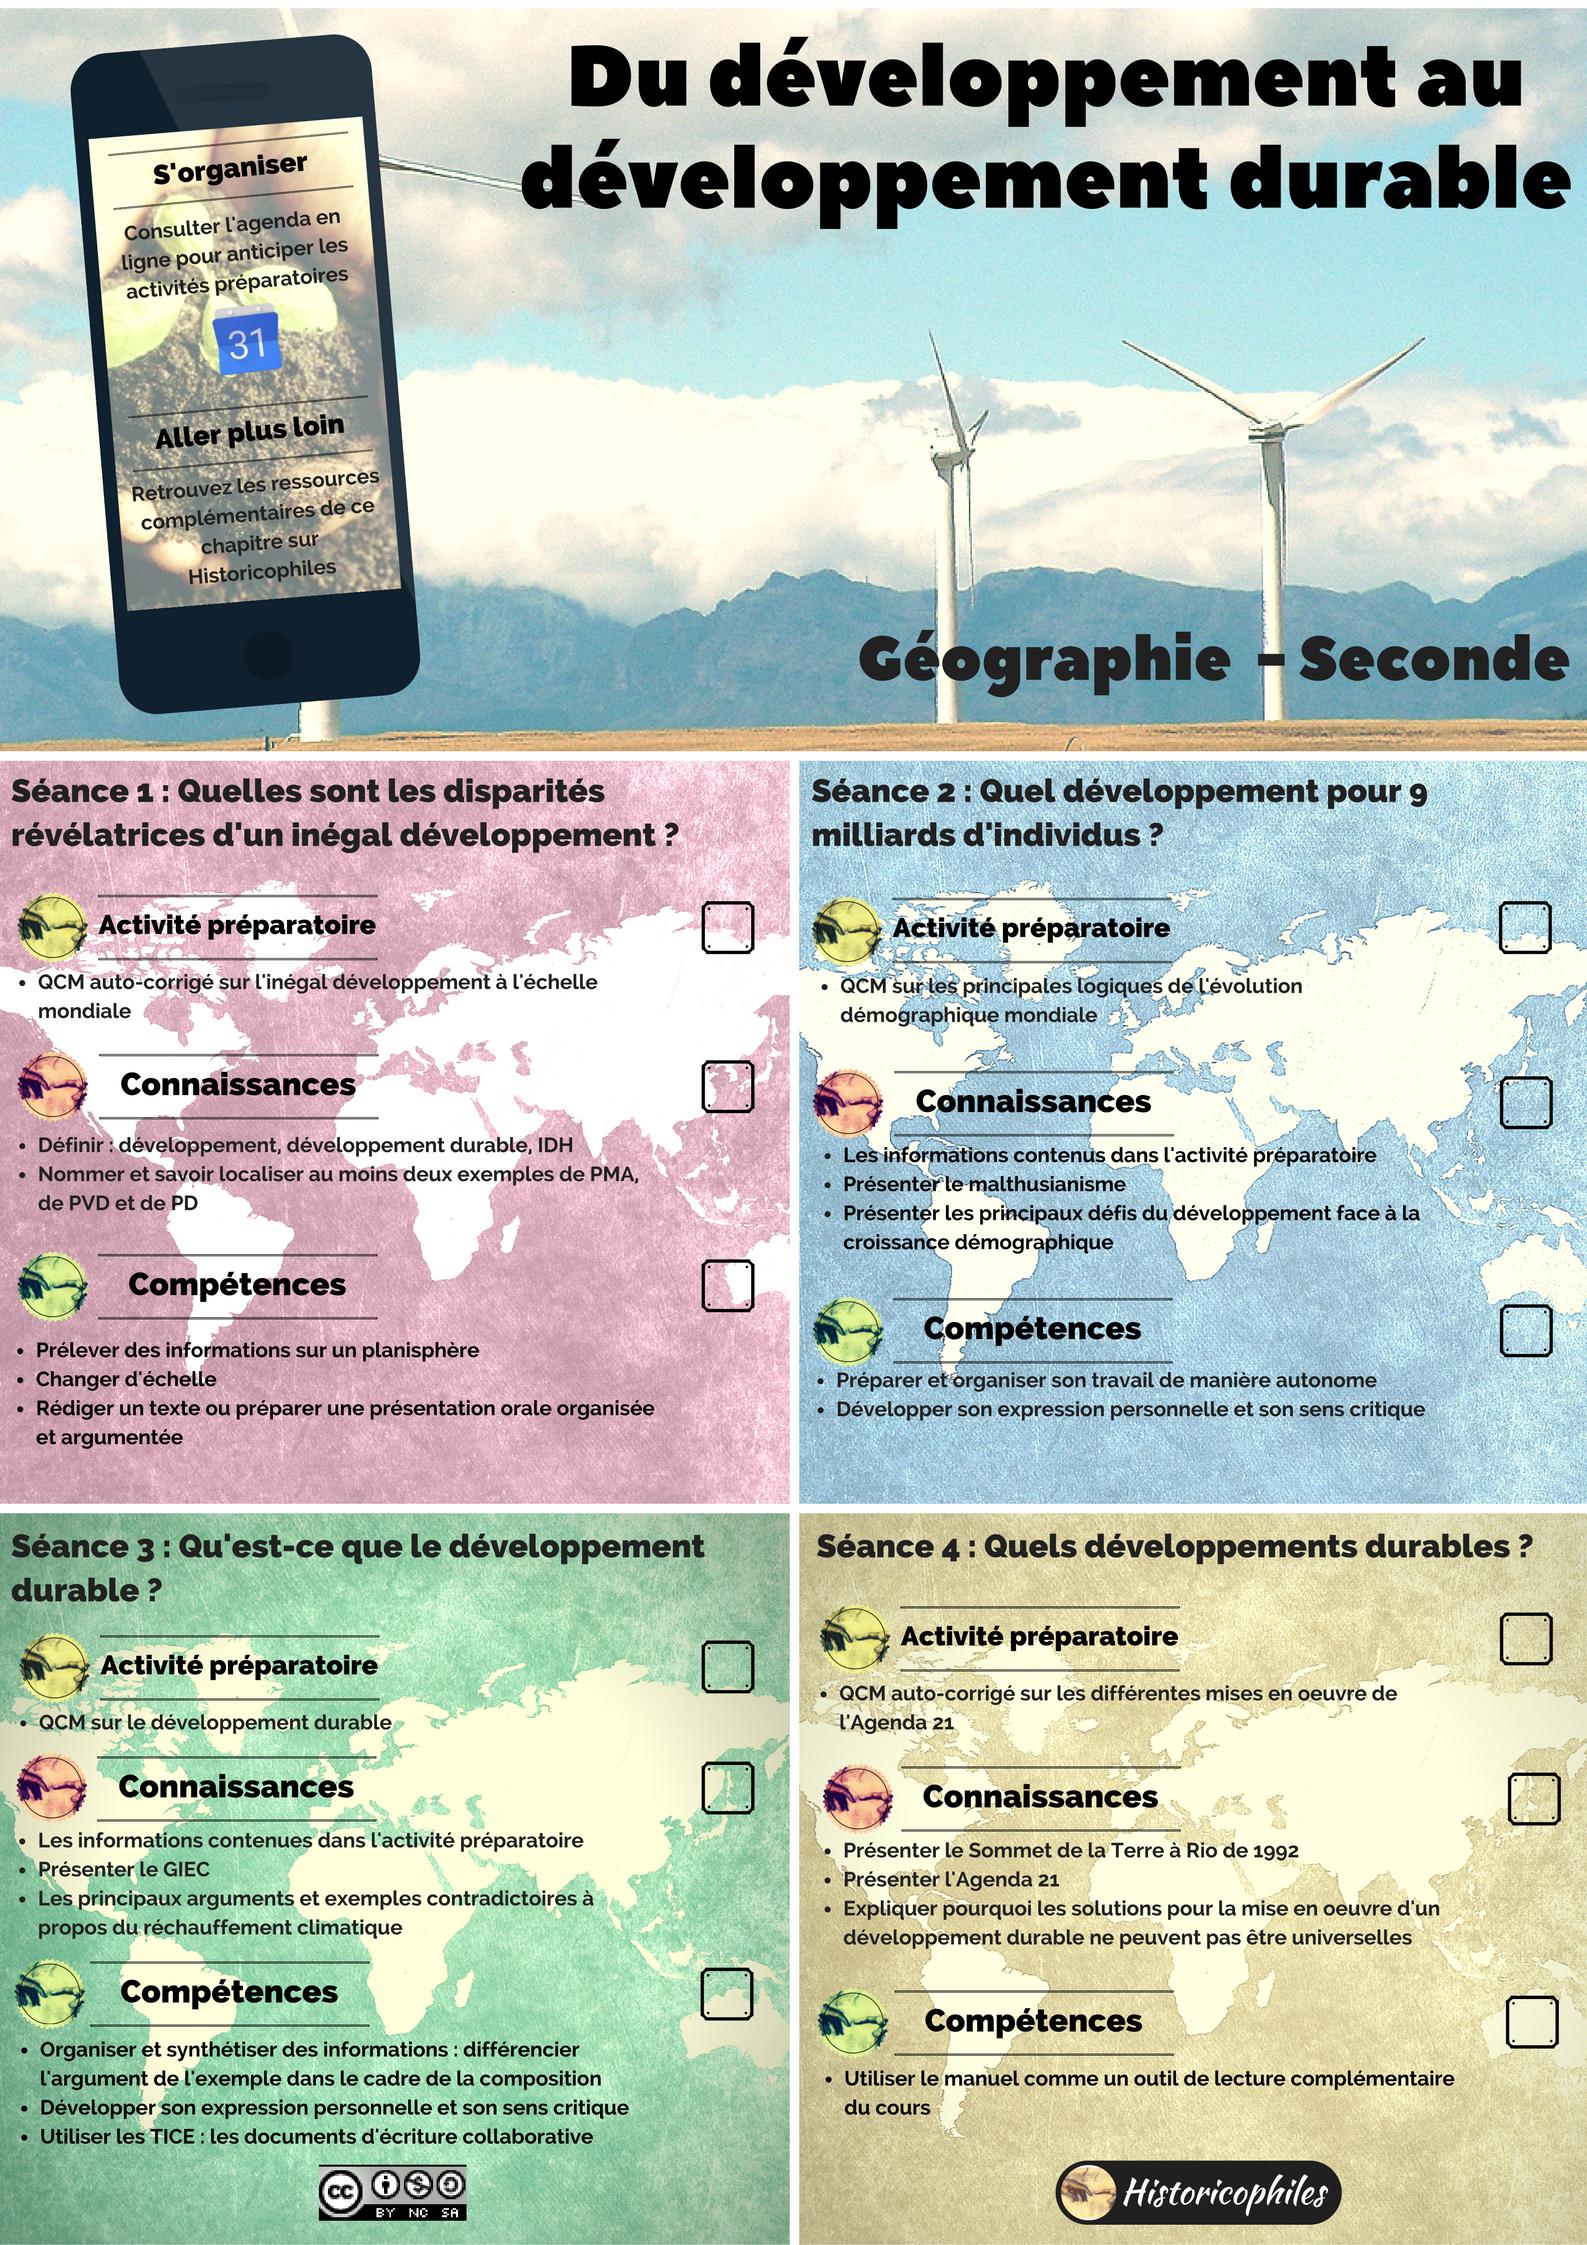 Plan de travail - Du développement au développement durable